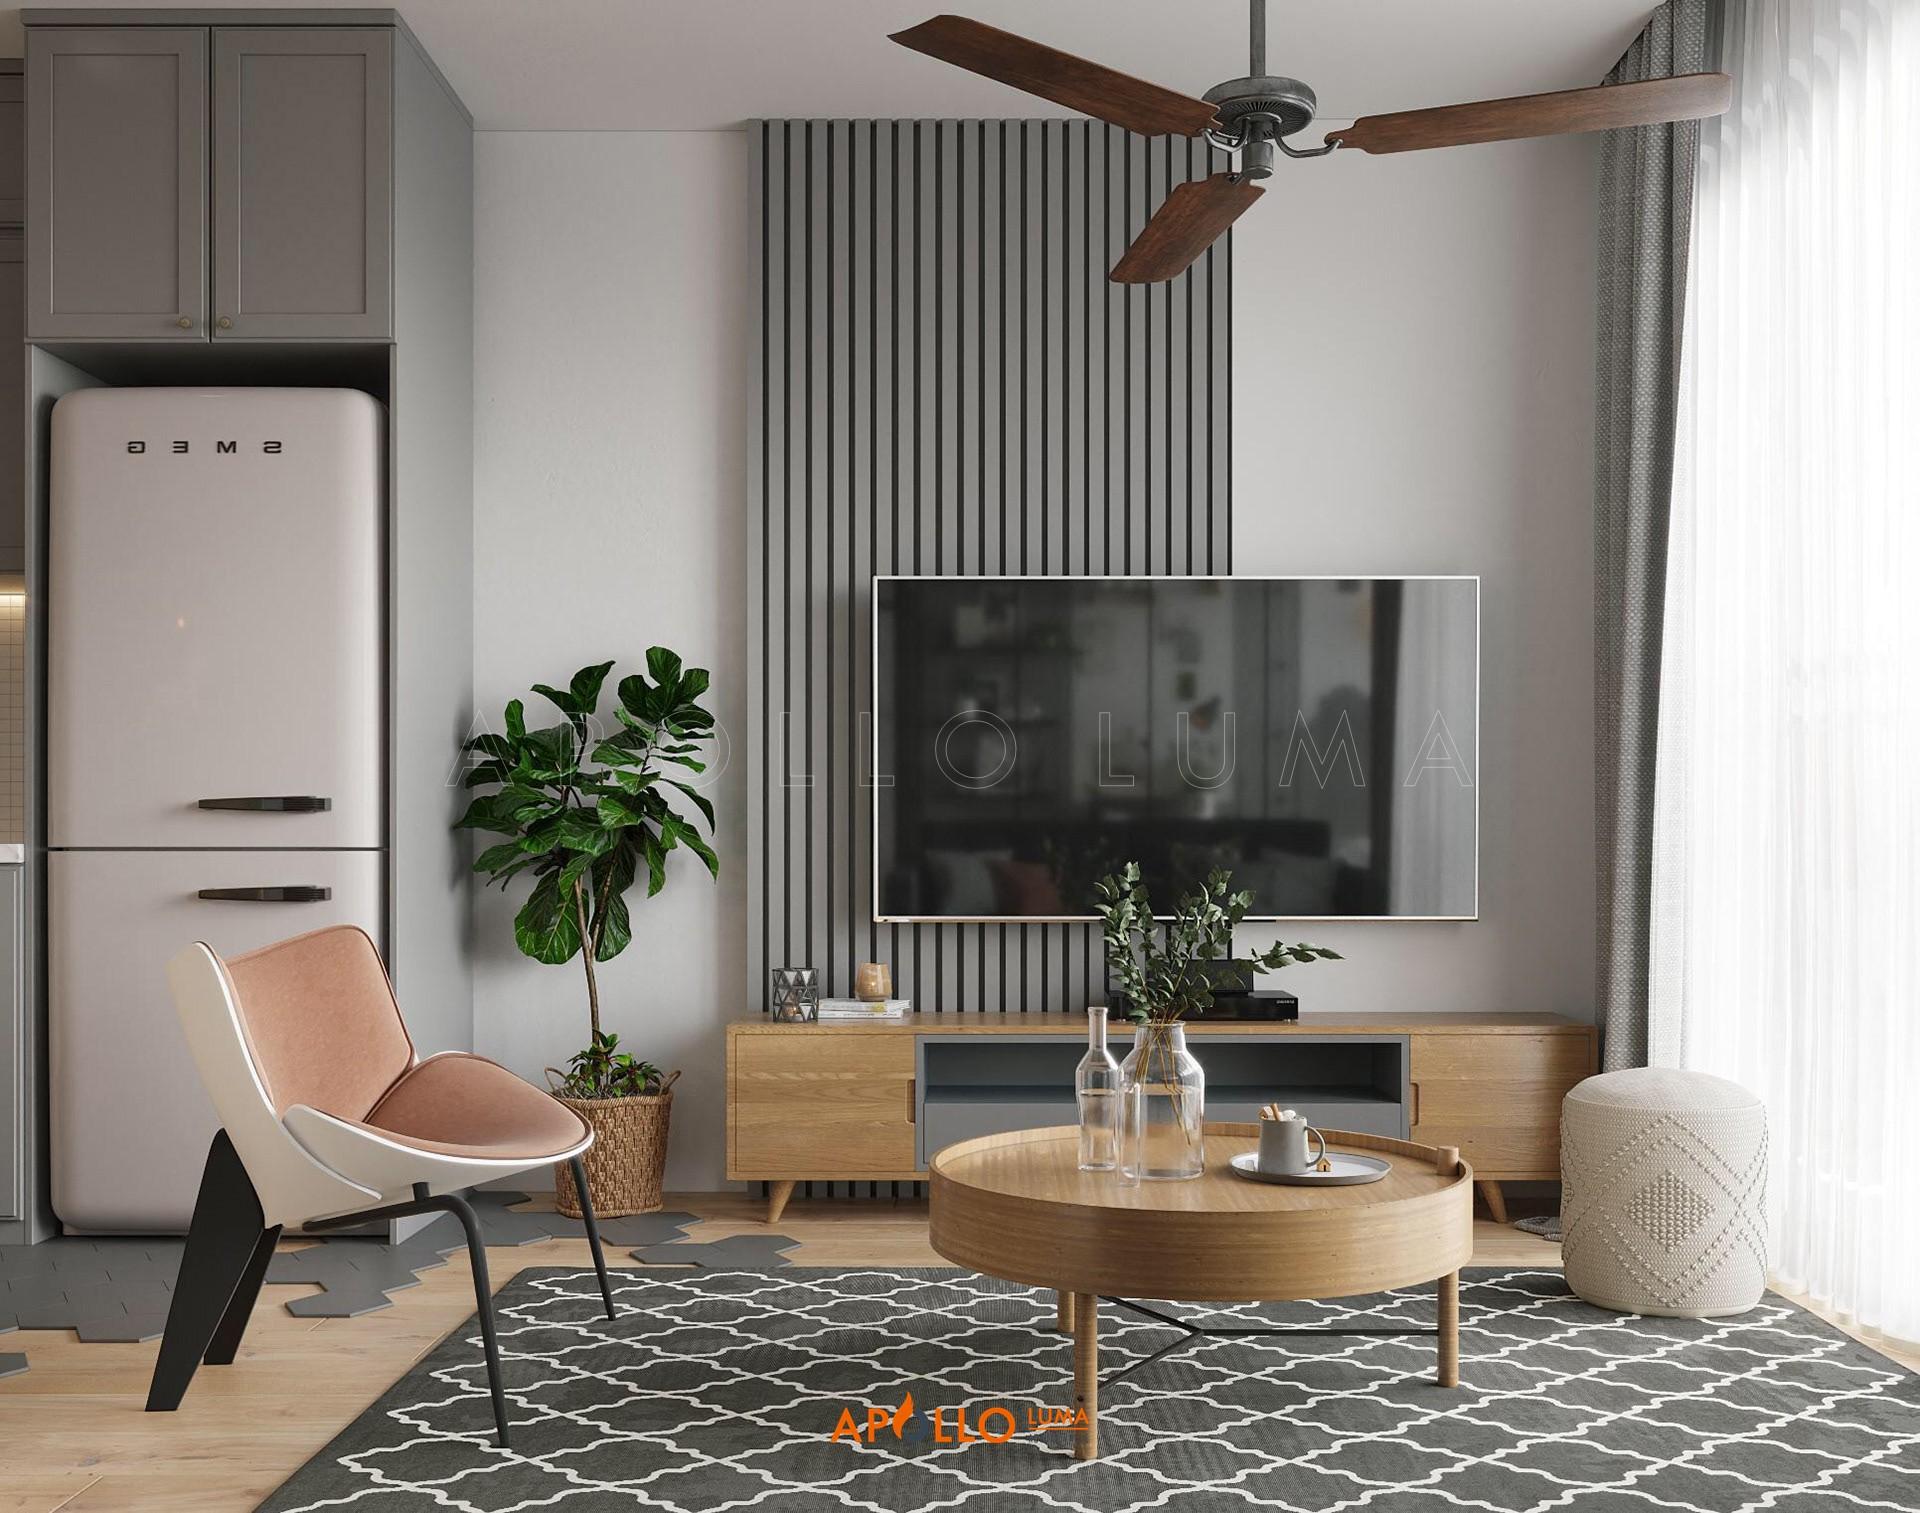 Thiết kế nội thất căn hộ Vinhomes Grand Park Quận 9